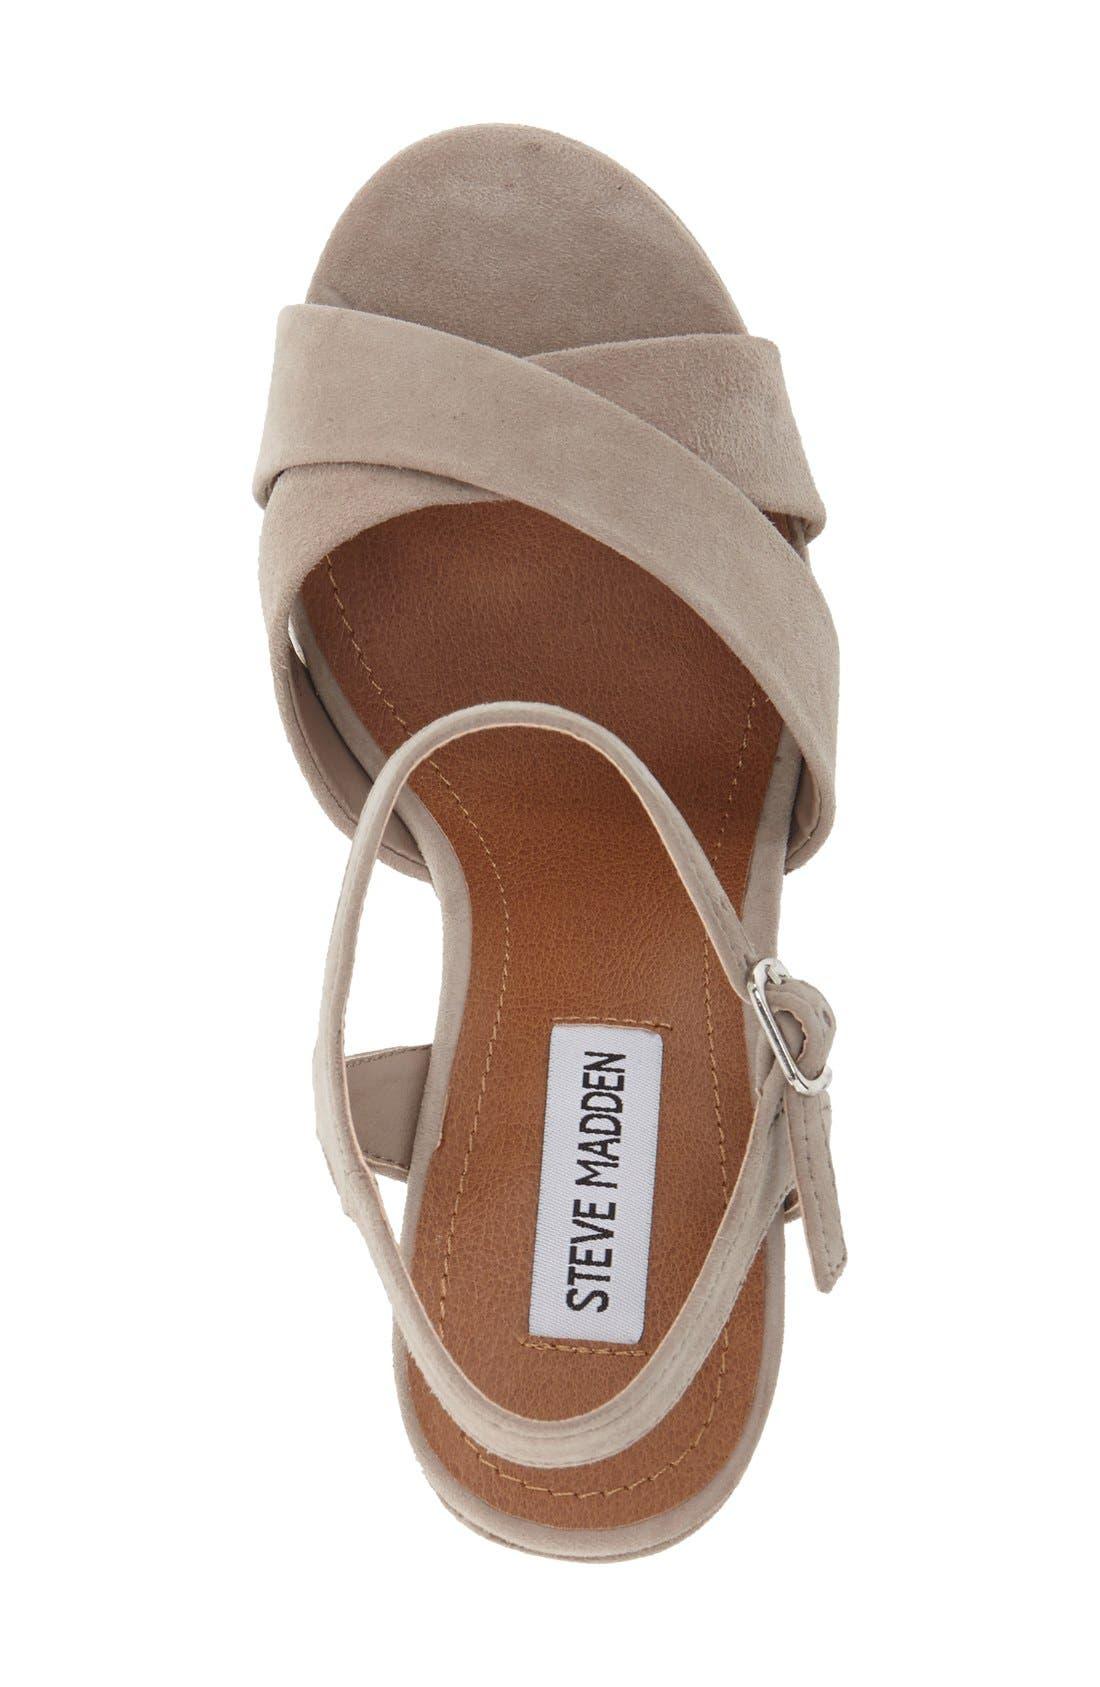 Alternate Image 3  - Steve Madden 'Casper' Platform Wedge Sandal (Women)